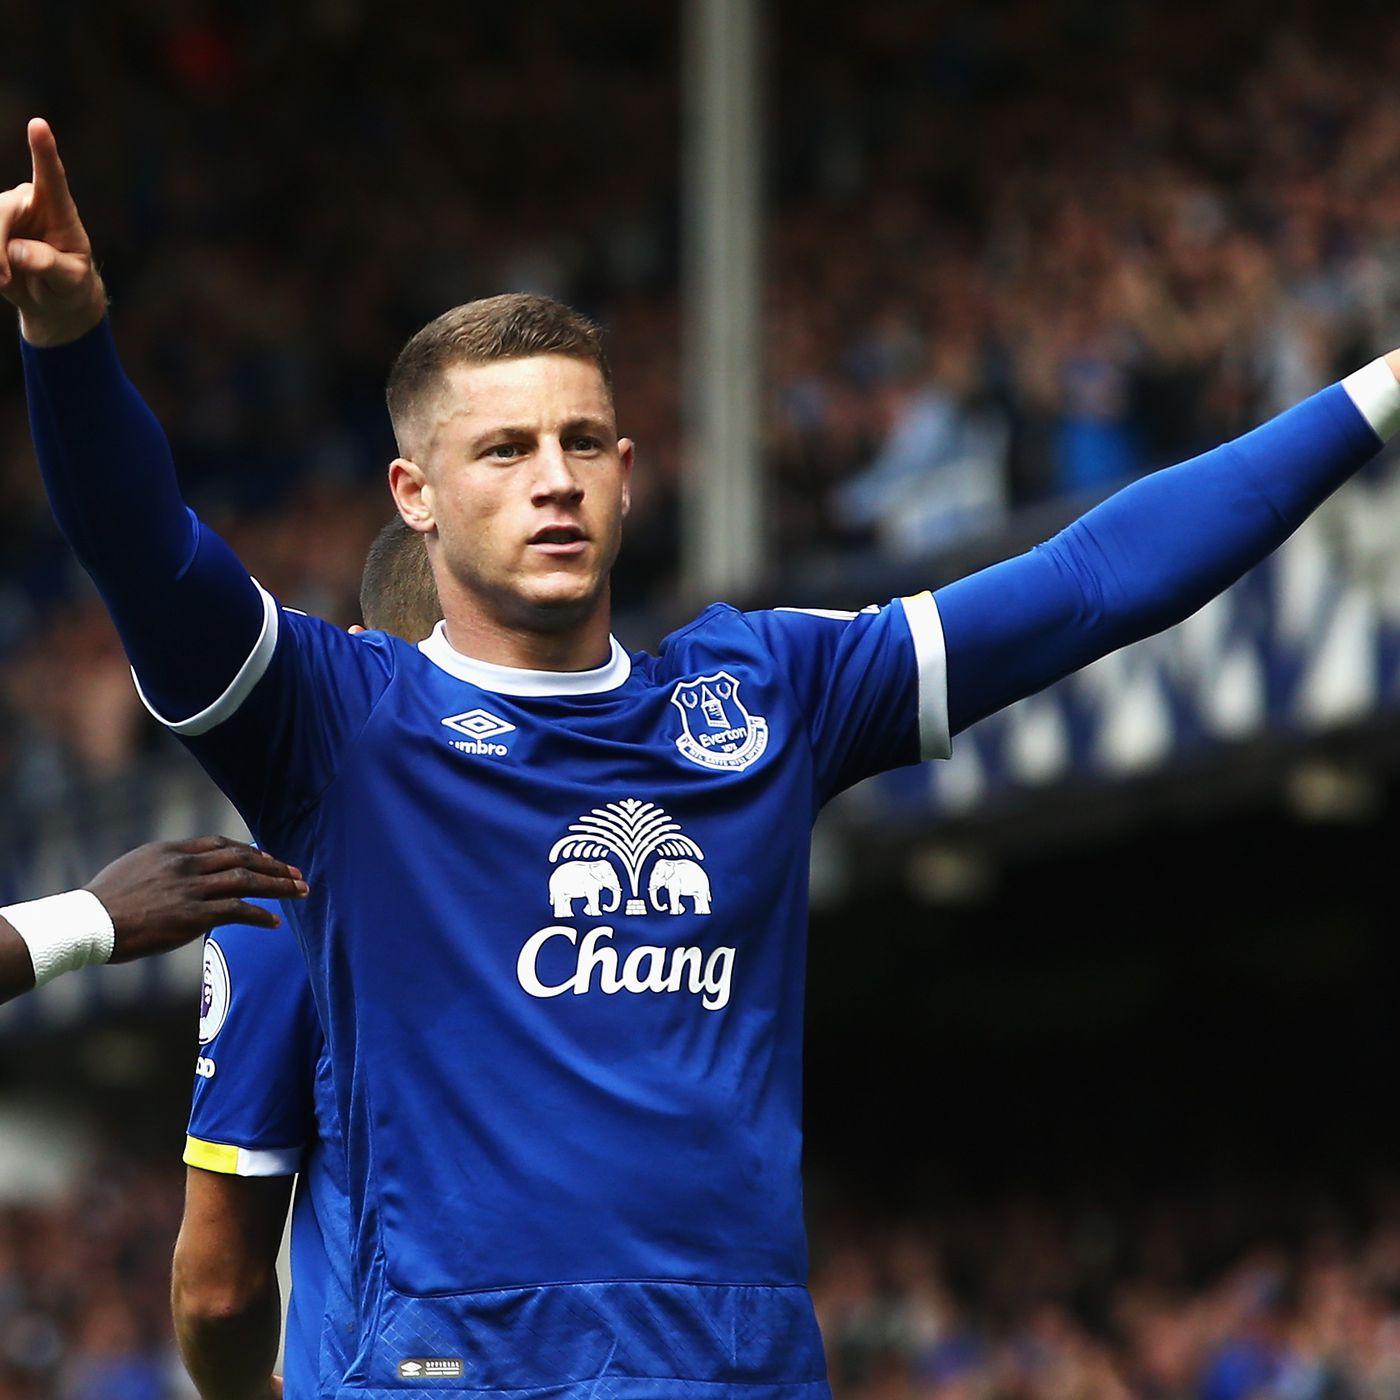 Everton 1, Tottenham 1 - Extended Highlights - Royal Blue Mersey